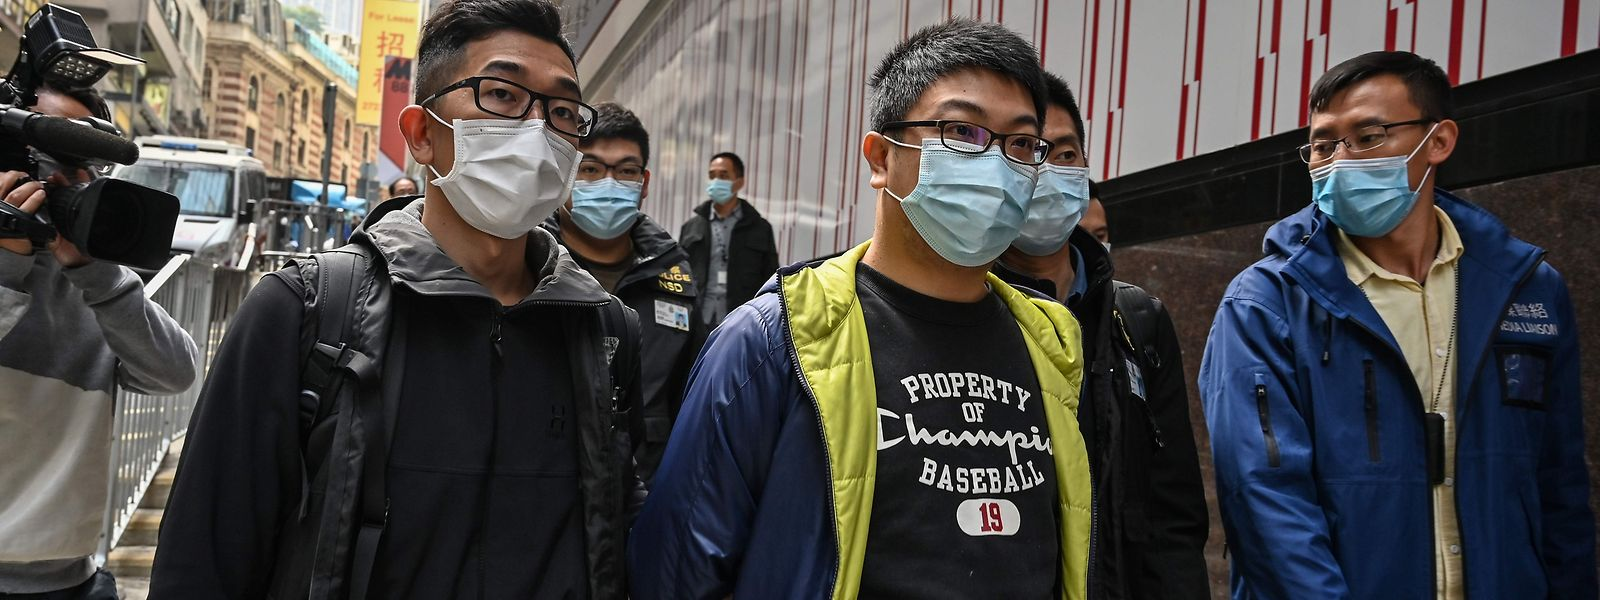 Der pro-demokratische Aktivist Ben Chung (Mitte) bei seiner Festnahme. Insgesamt wurden 50 Oppositionelle inhaftiert.